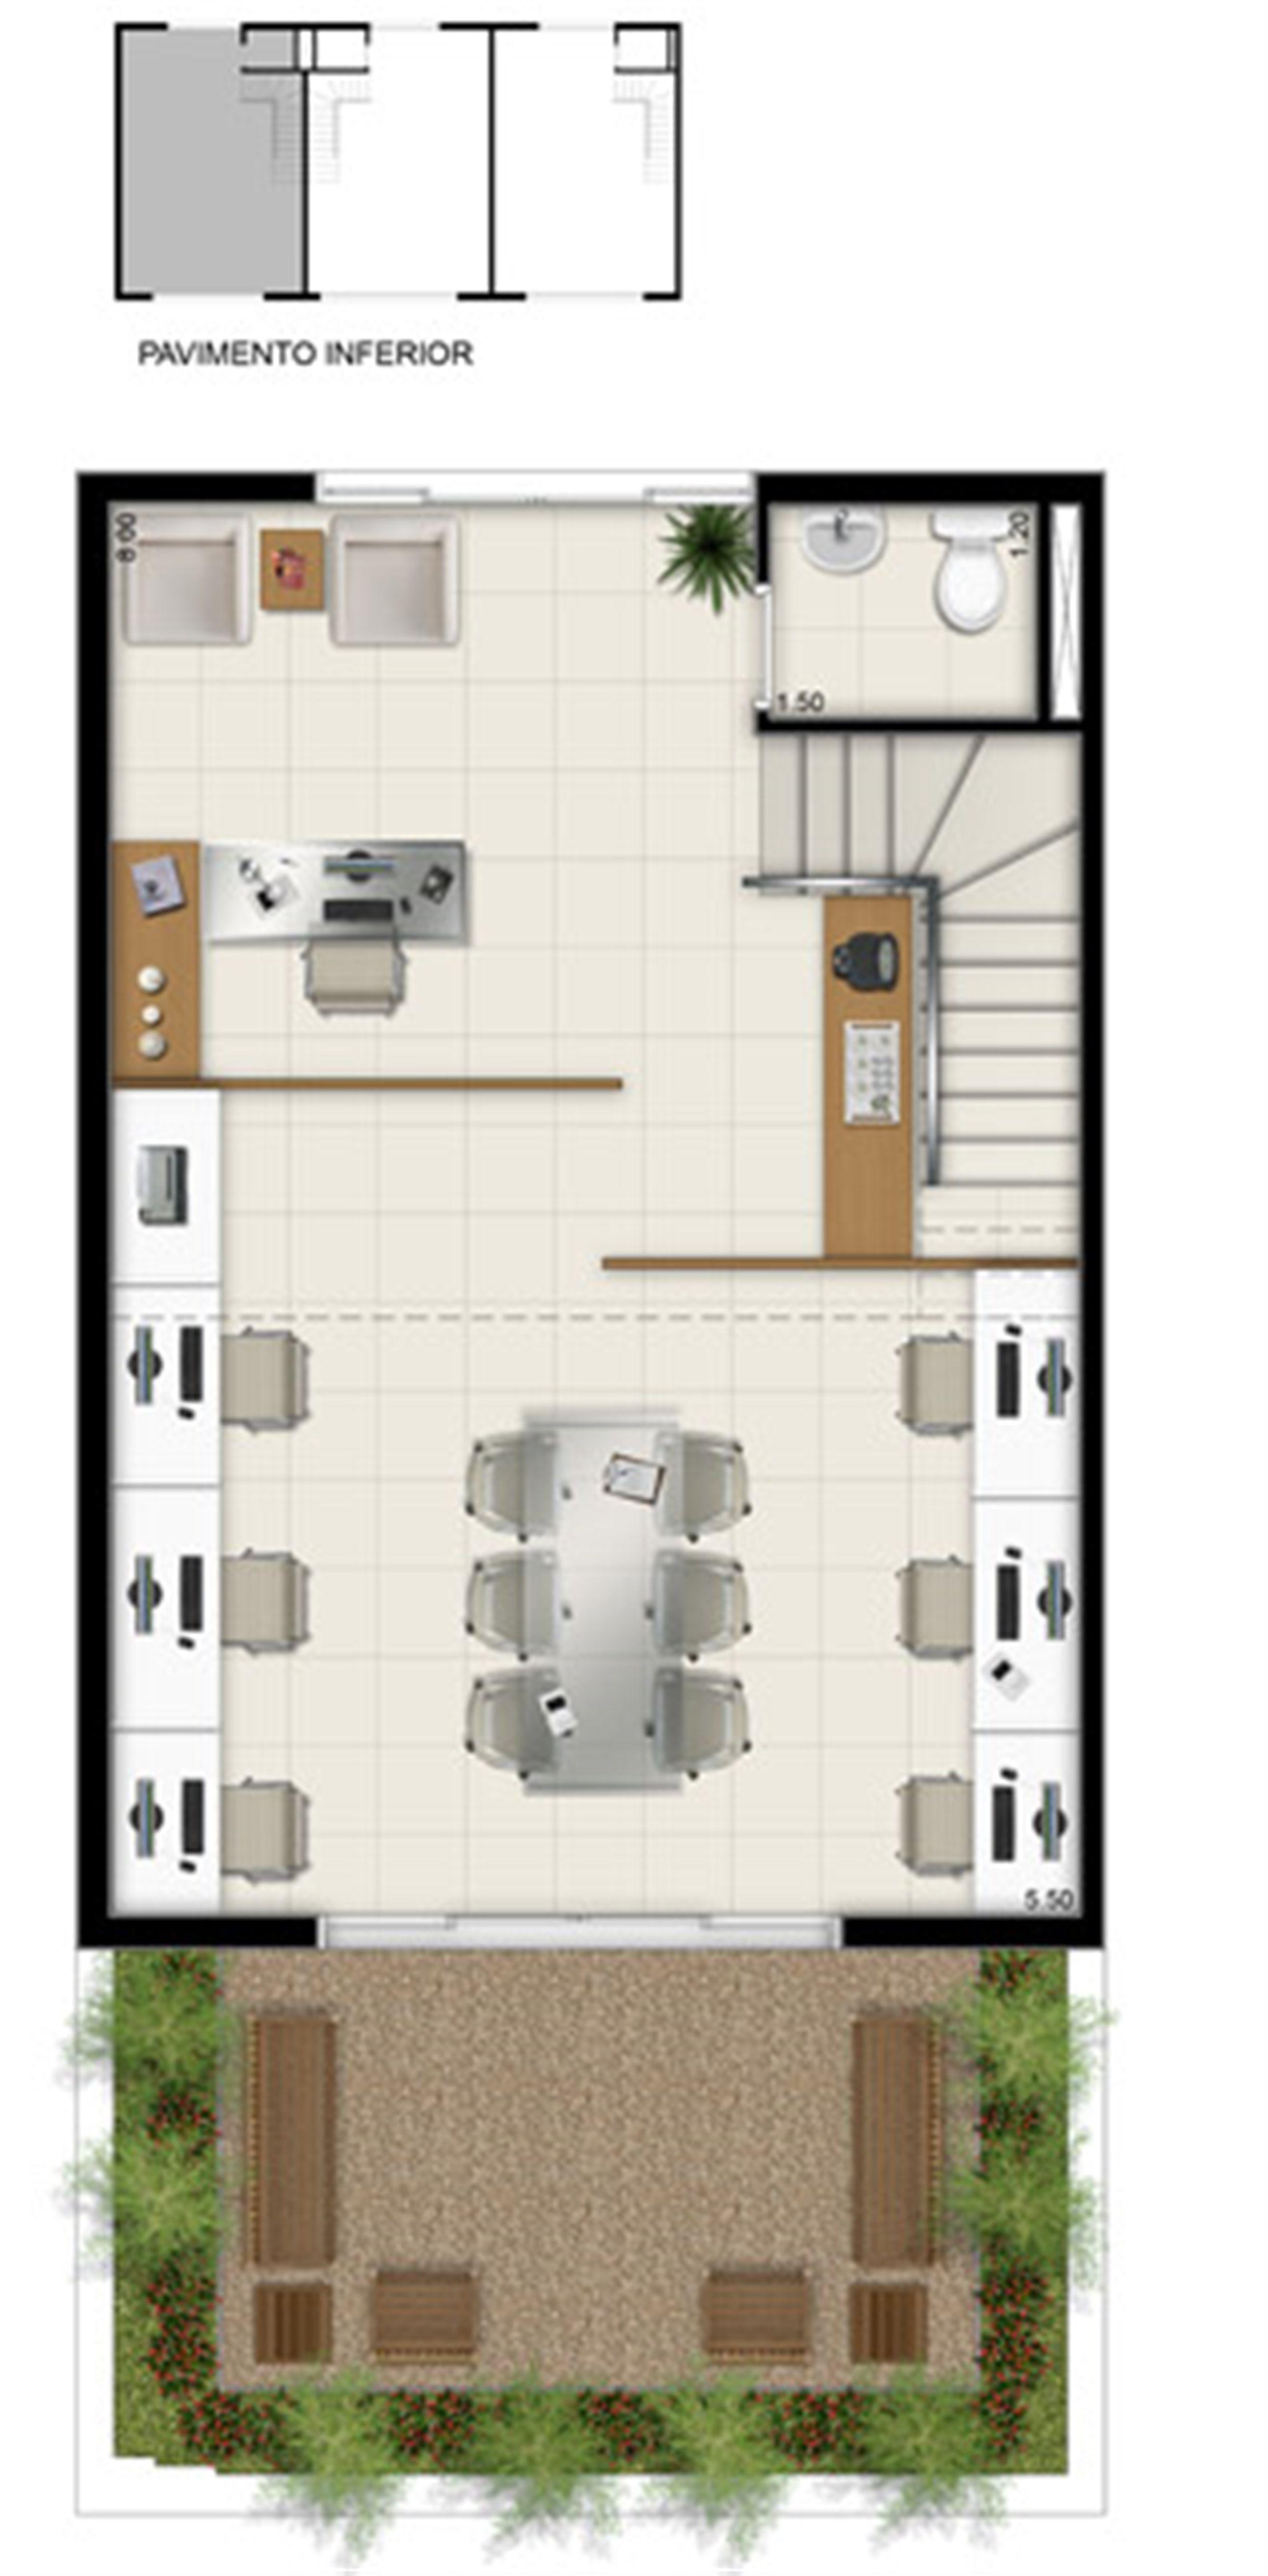 Duplex Inferior - Área total 84,50 m² | Pátio Jardins – Salas Comerciais em  Altos do Calhau - São Luís - Maranhão